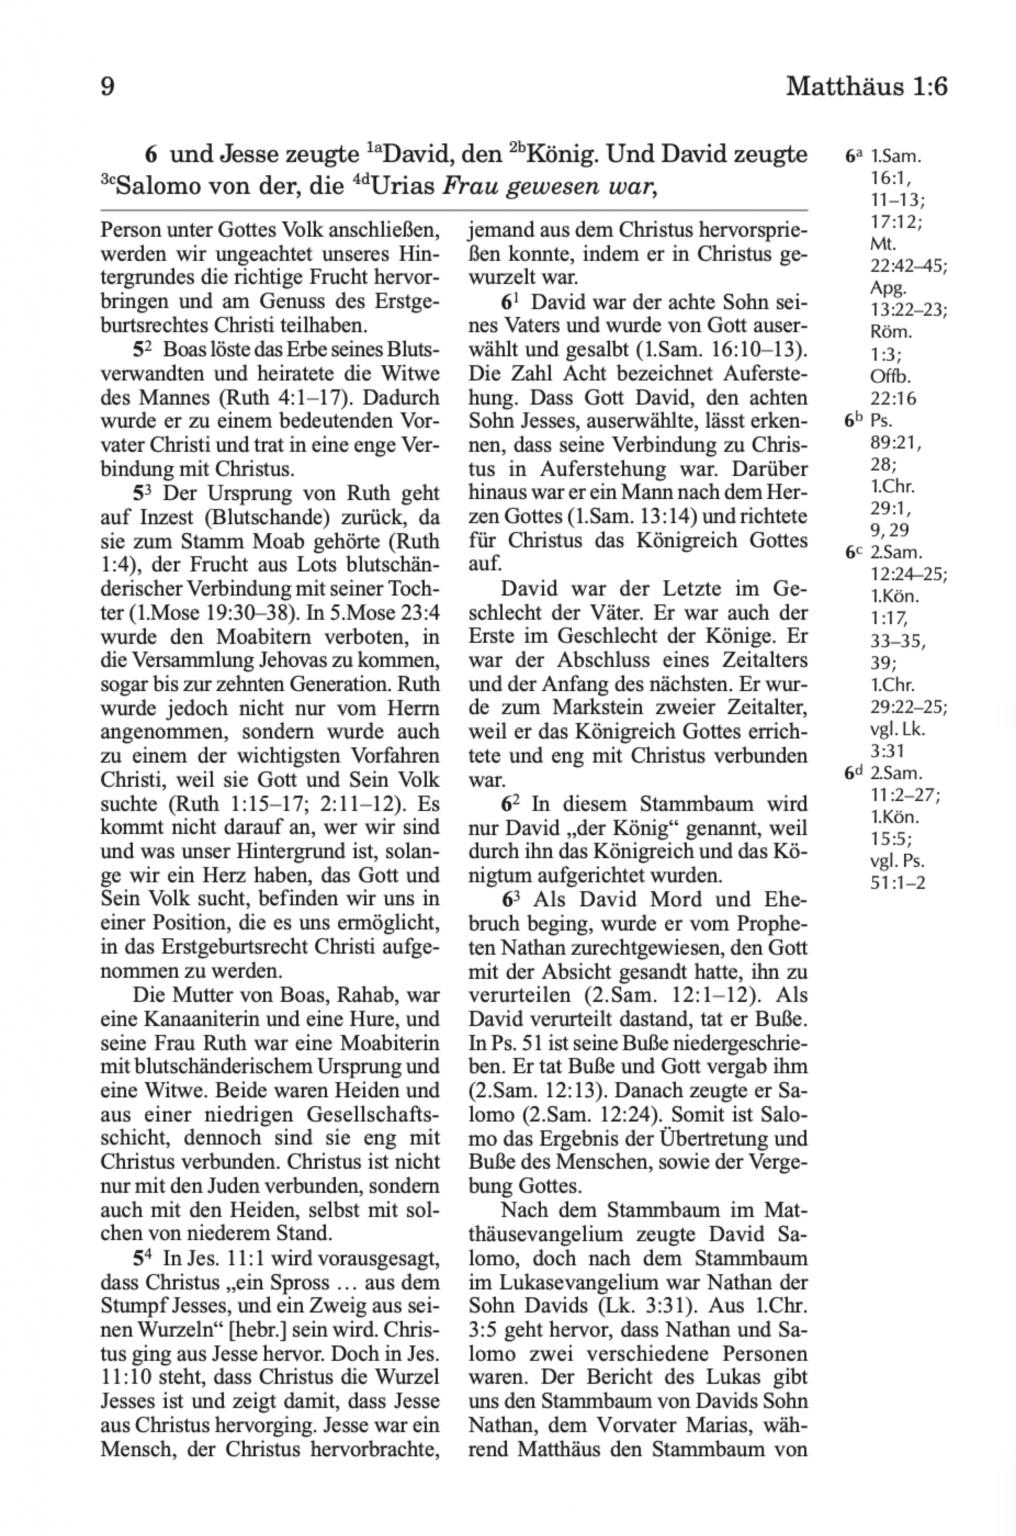 RvB page 6